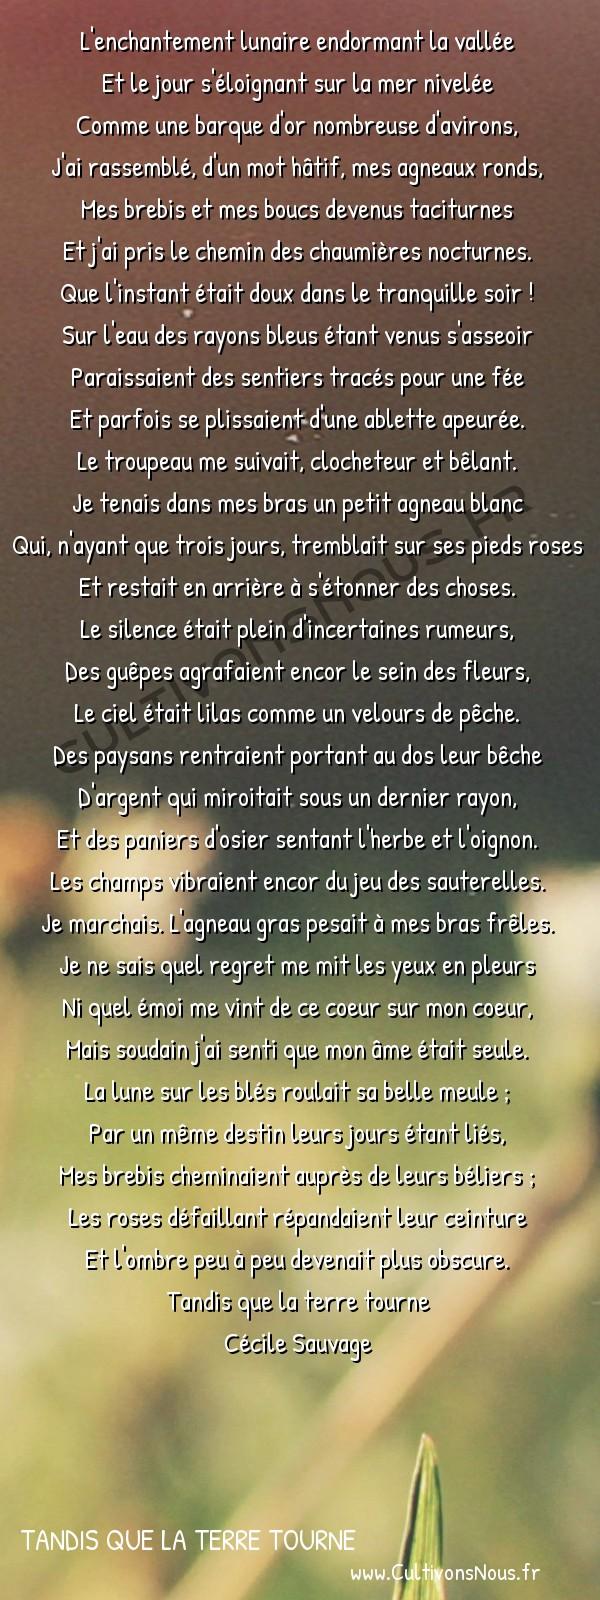 Poésies Cécile Sauvage - Tandis que la terre tourne - L'enchantement lunaire -  L'enchantement lunaire endormant la vallée Et le jour s'éloignant sur la mer nivelée